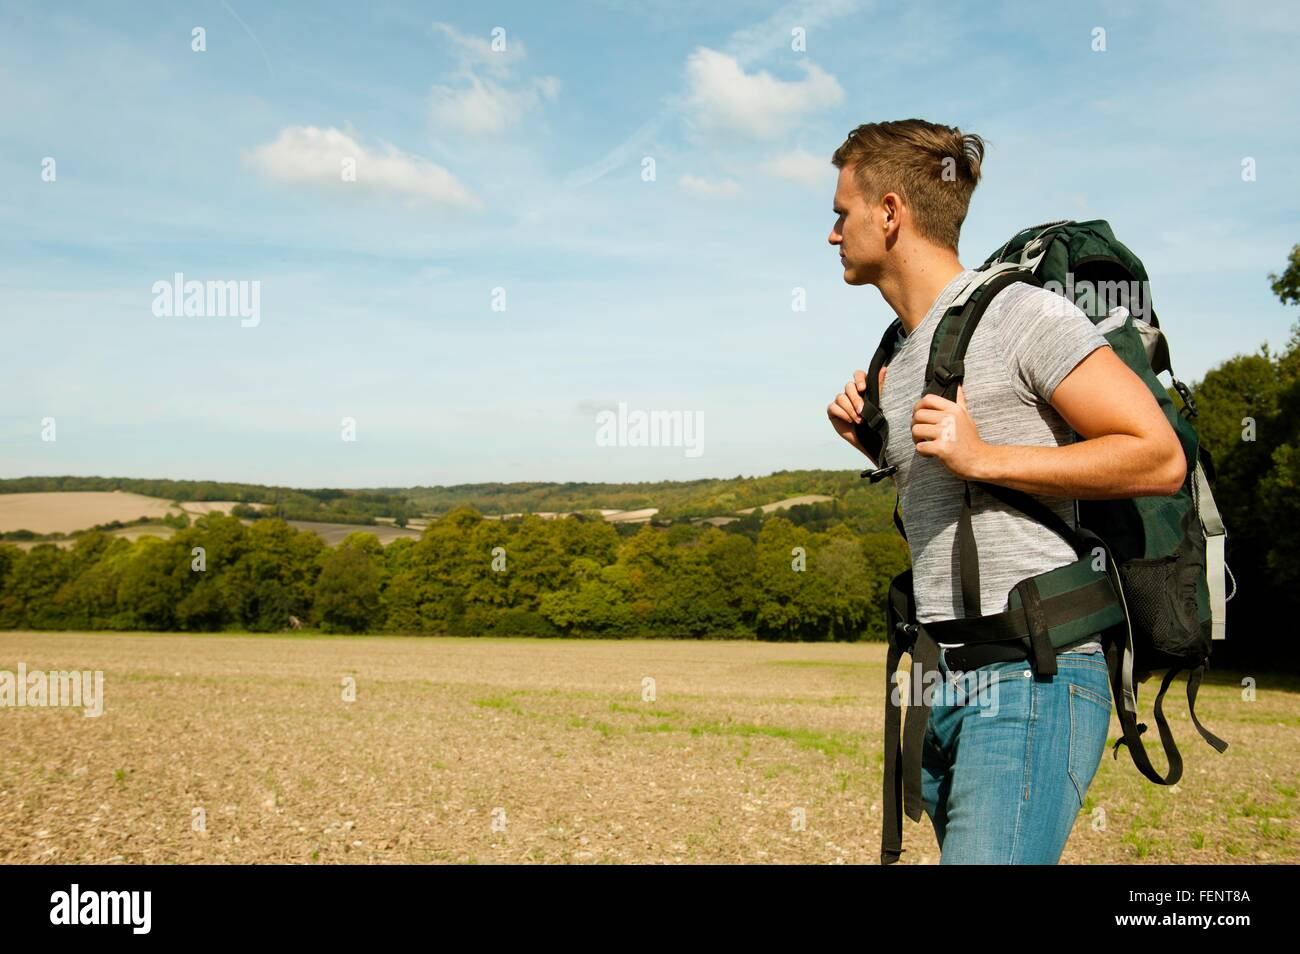 Junge männliche Wanderer im Bereich Landschaft, Great Missenden, Buckinghamshire, Großbritannien Stockbild